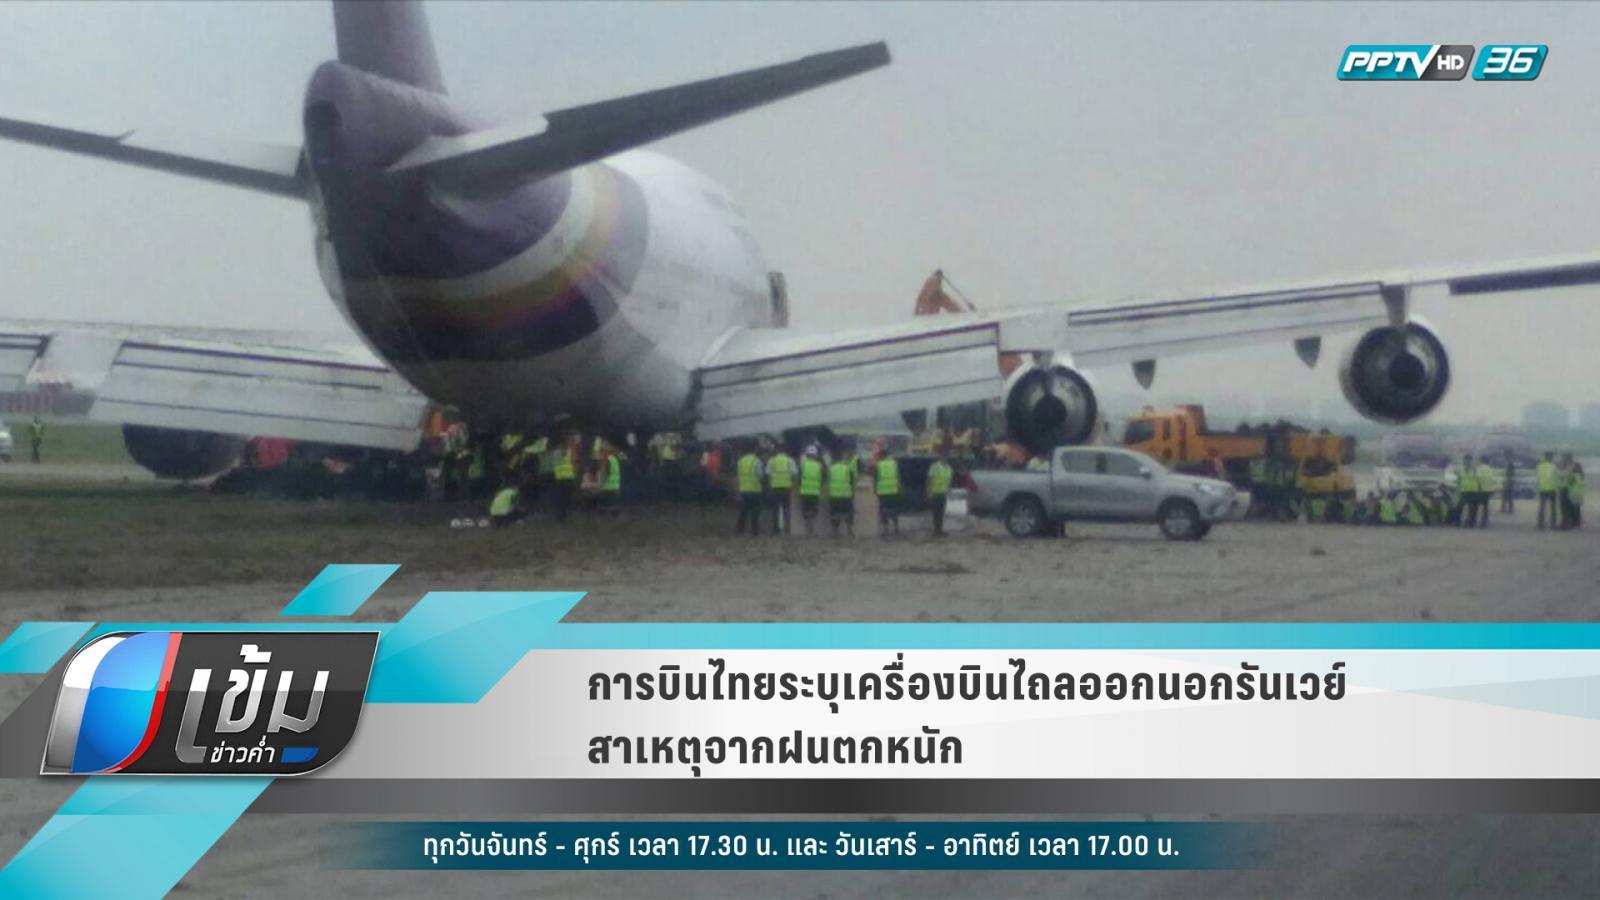 การบินไทย ระบุเครื่องบินไถลออกนอกรันเวย์ สาเหตุฝนตกหนัก